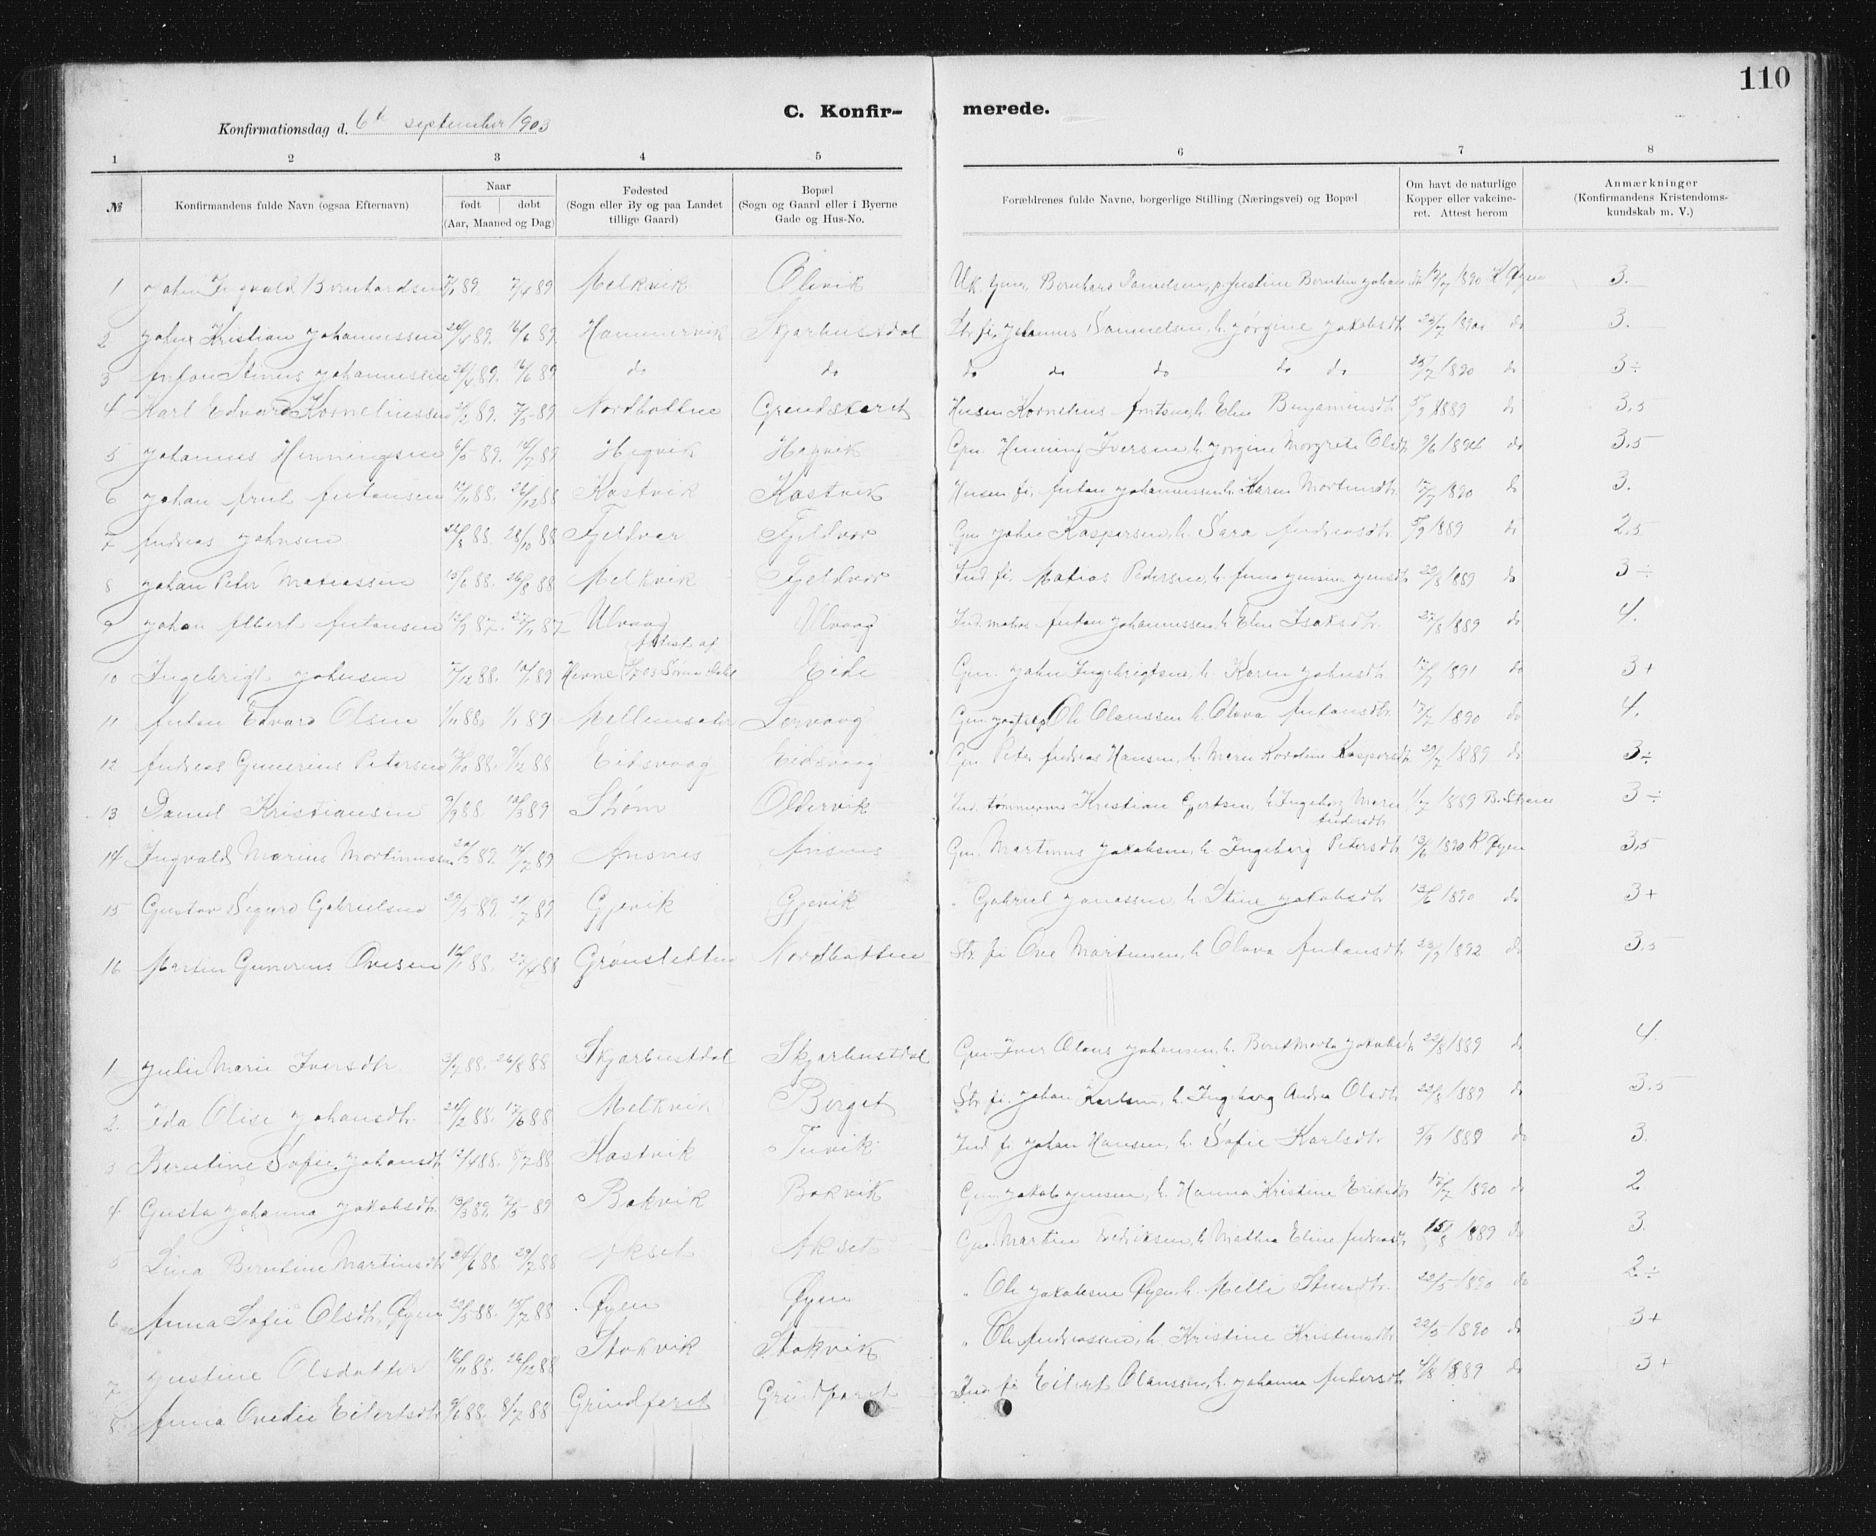 SAT, Ministerialprotokoller, klokkerbøker og fødselsregistre - Sør-Trøndelag, 637/L0563: Klokkerbok nr. 637C04, 1899-1940, s. 110